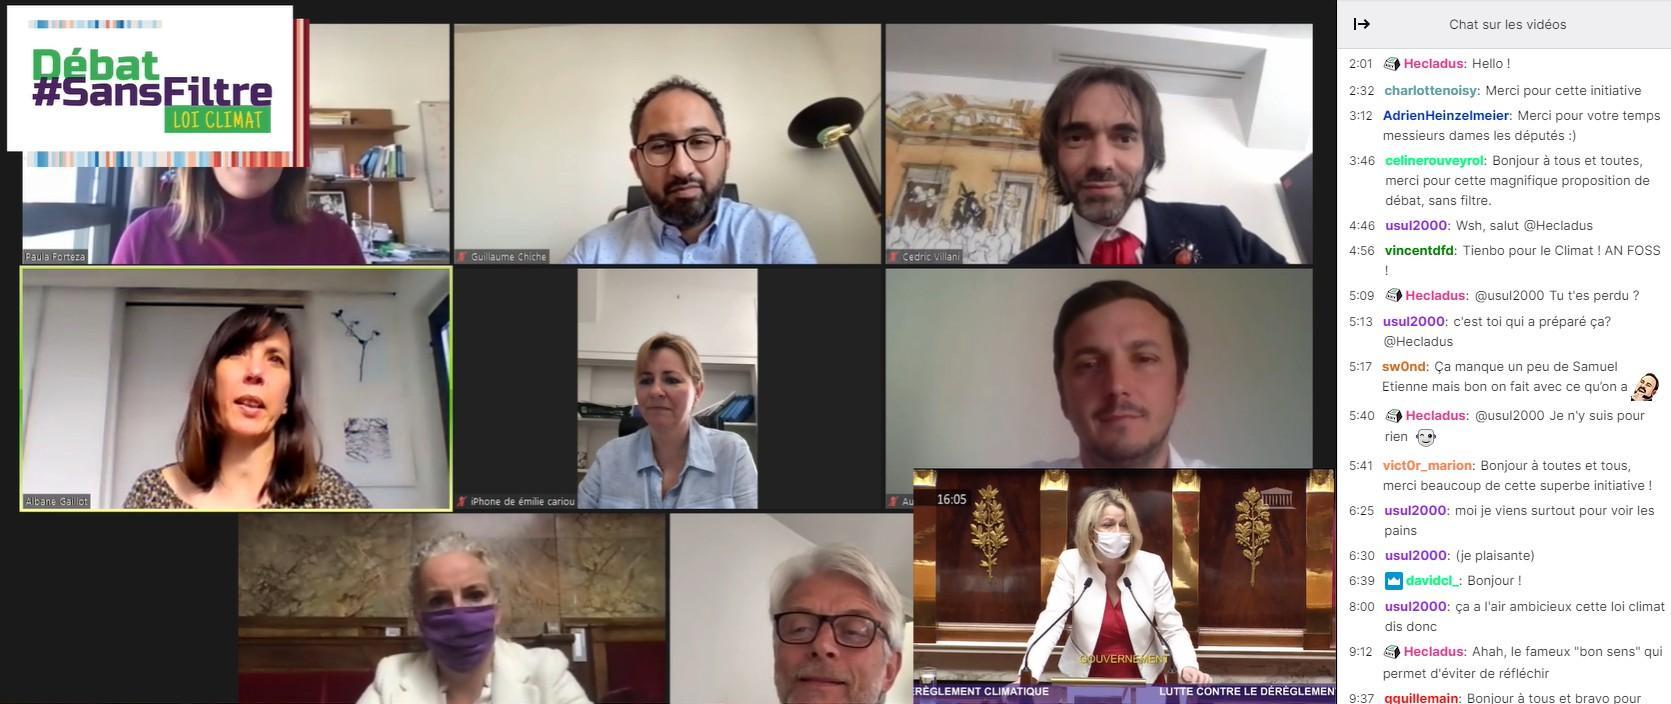 Loi climat: l'opposition débat «sans filtre» sur Twitch